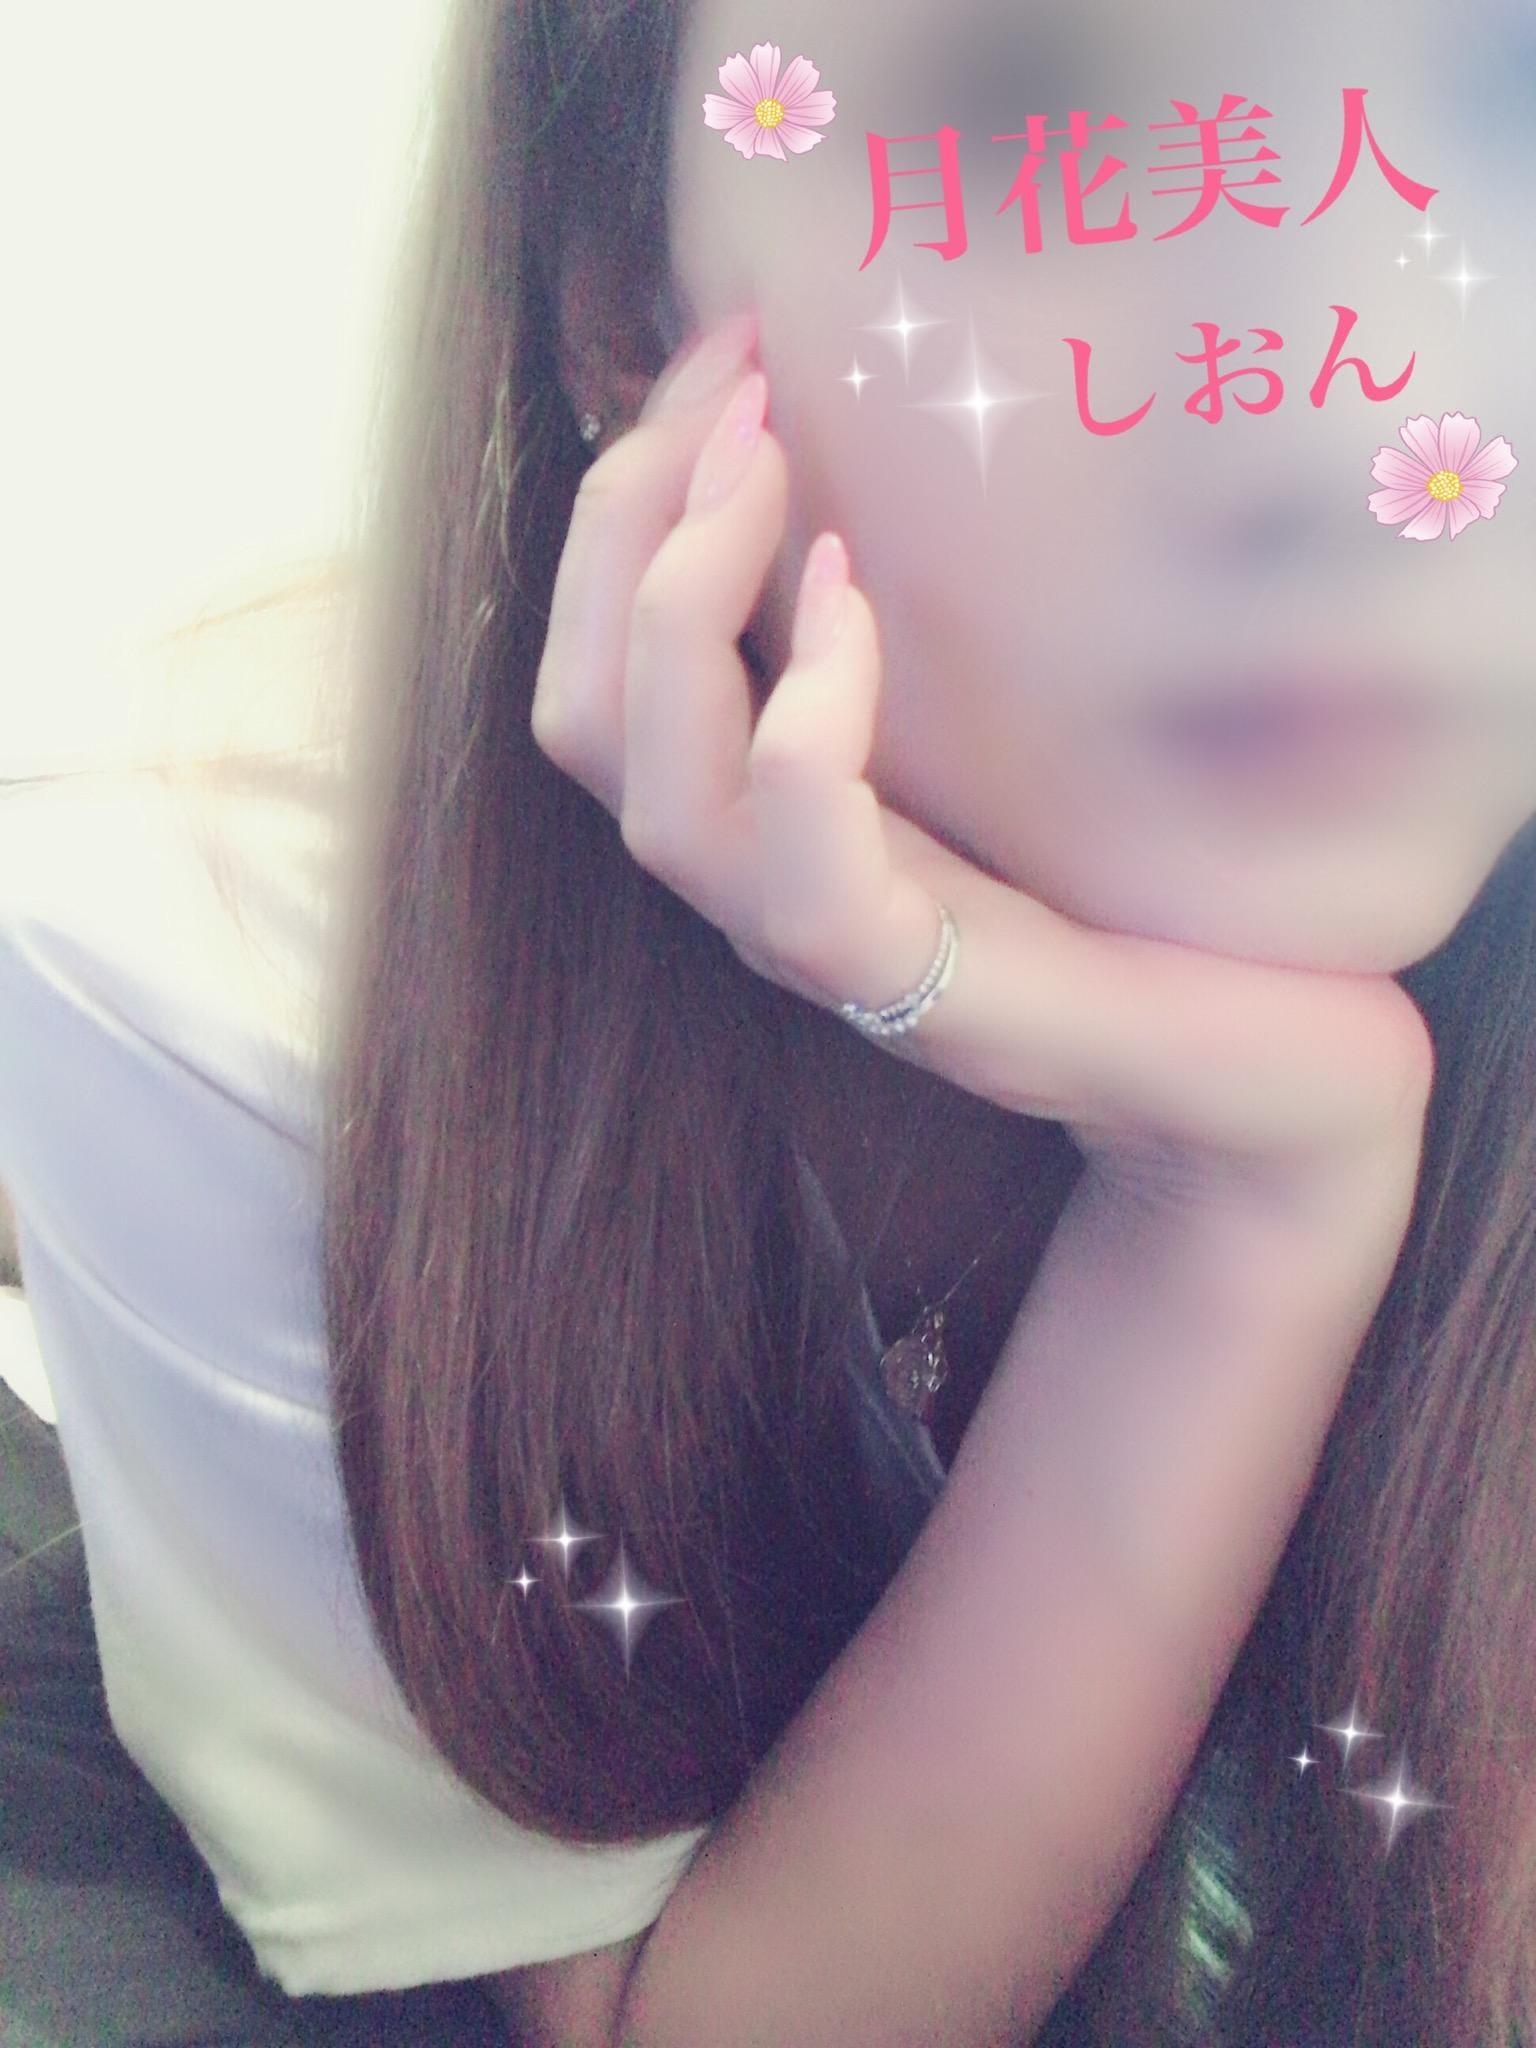 「おやすみなさい(*´ω`*)」02/17(日) 01:23 | 詩音シオン(20代料金の写メ・風俗動画